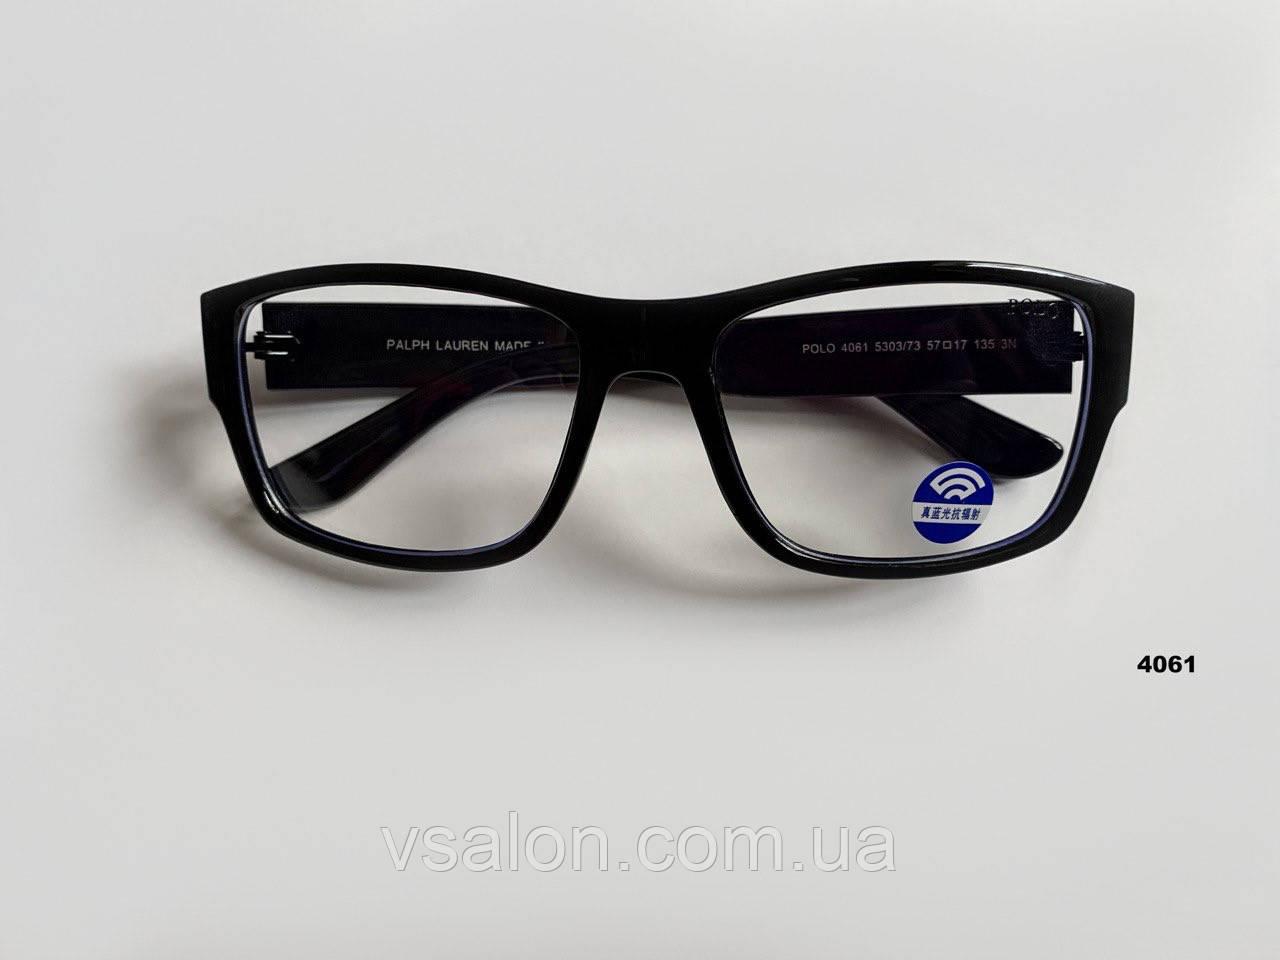 Компьютерные очки 4061 с черными дужками